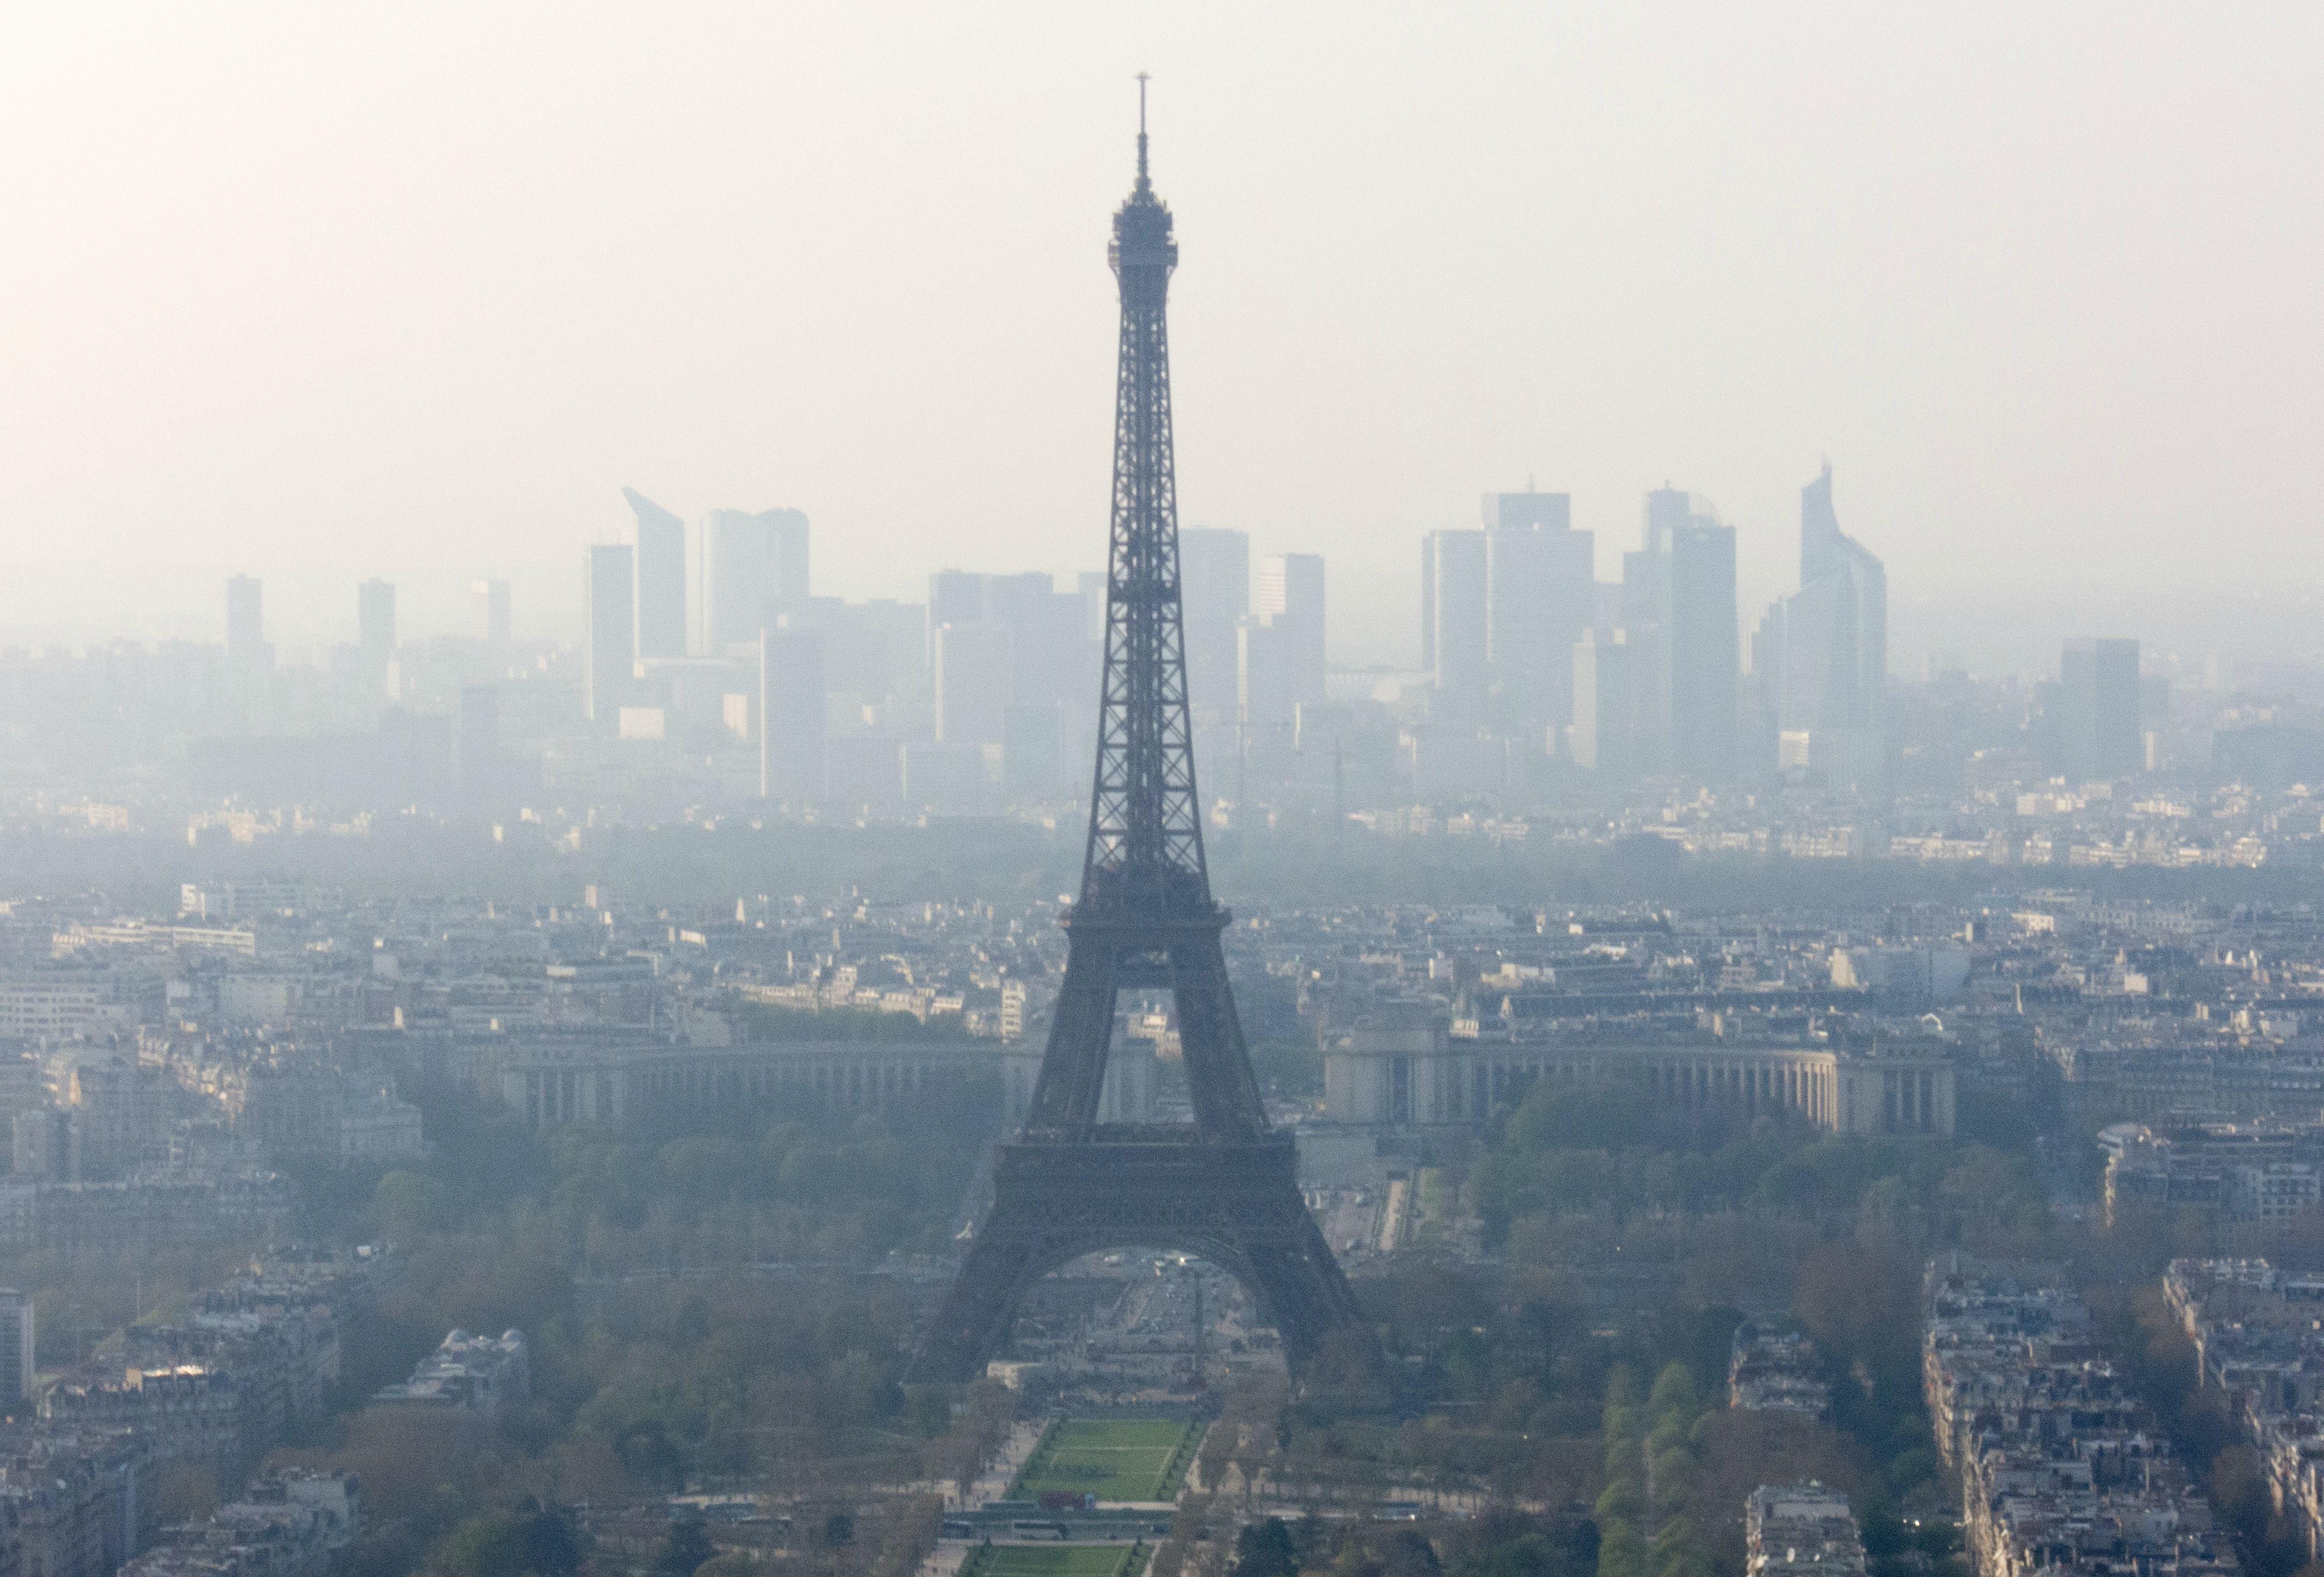 Νέο σύστημα παρακολούθησης των εκπομπών αερίων ρύπων από τα οχήματα σε Λονδίνο και Παρίσι